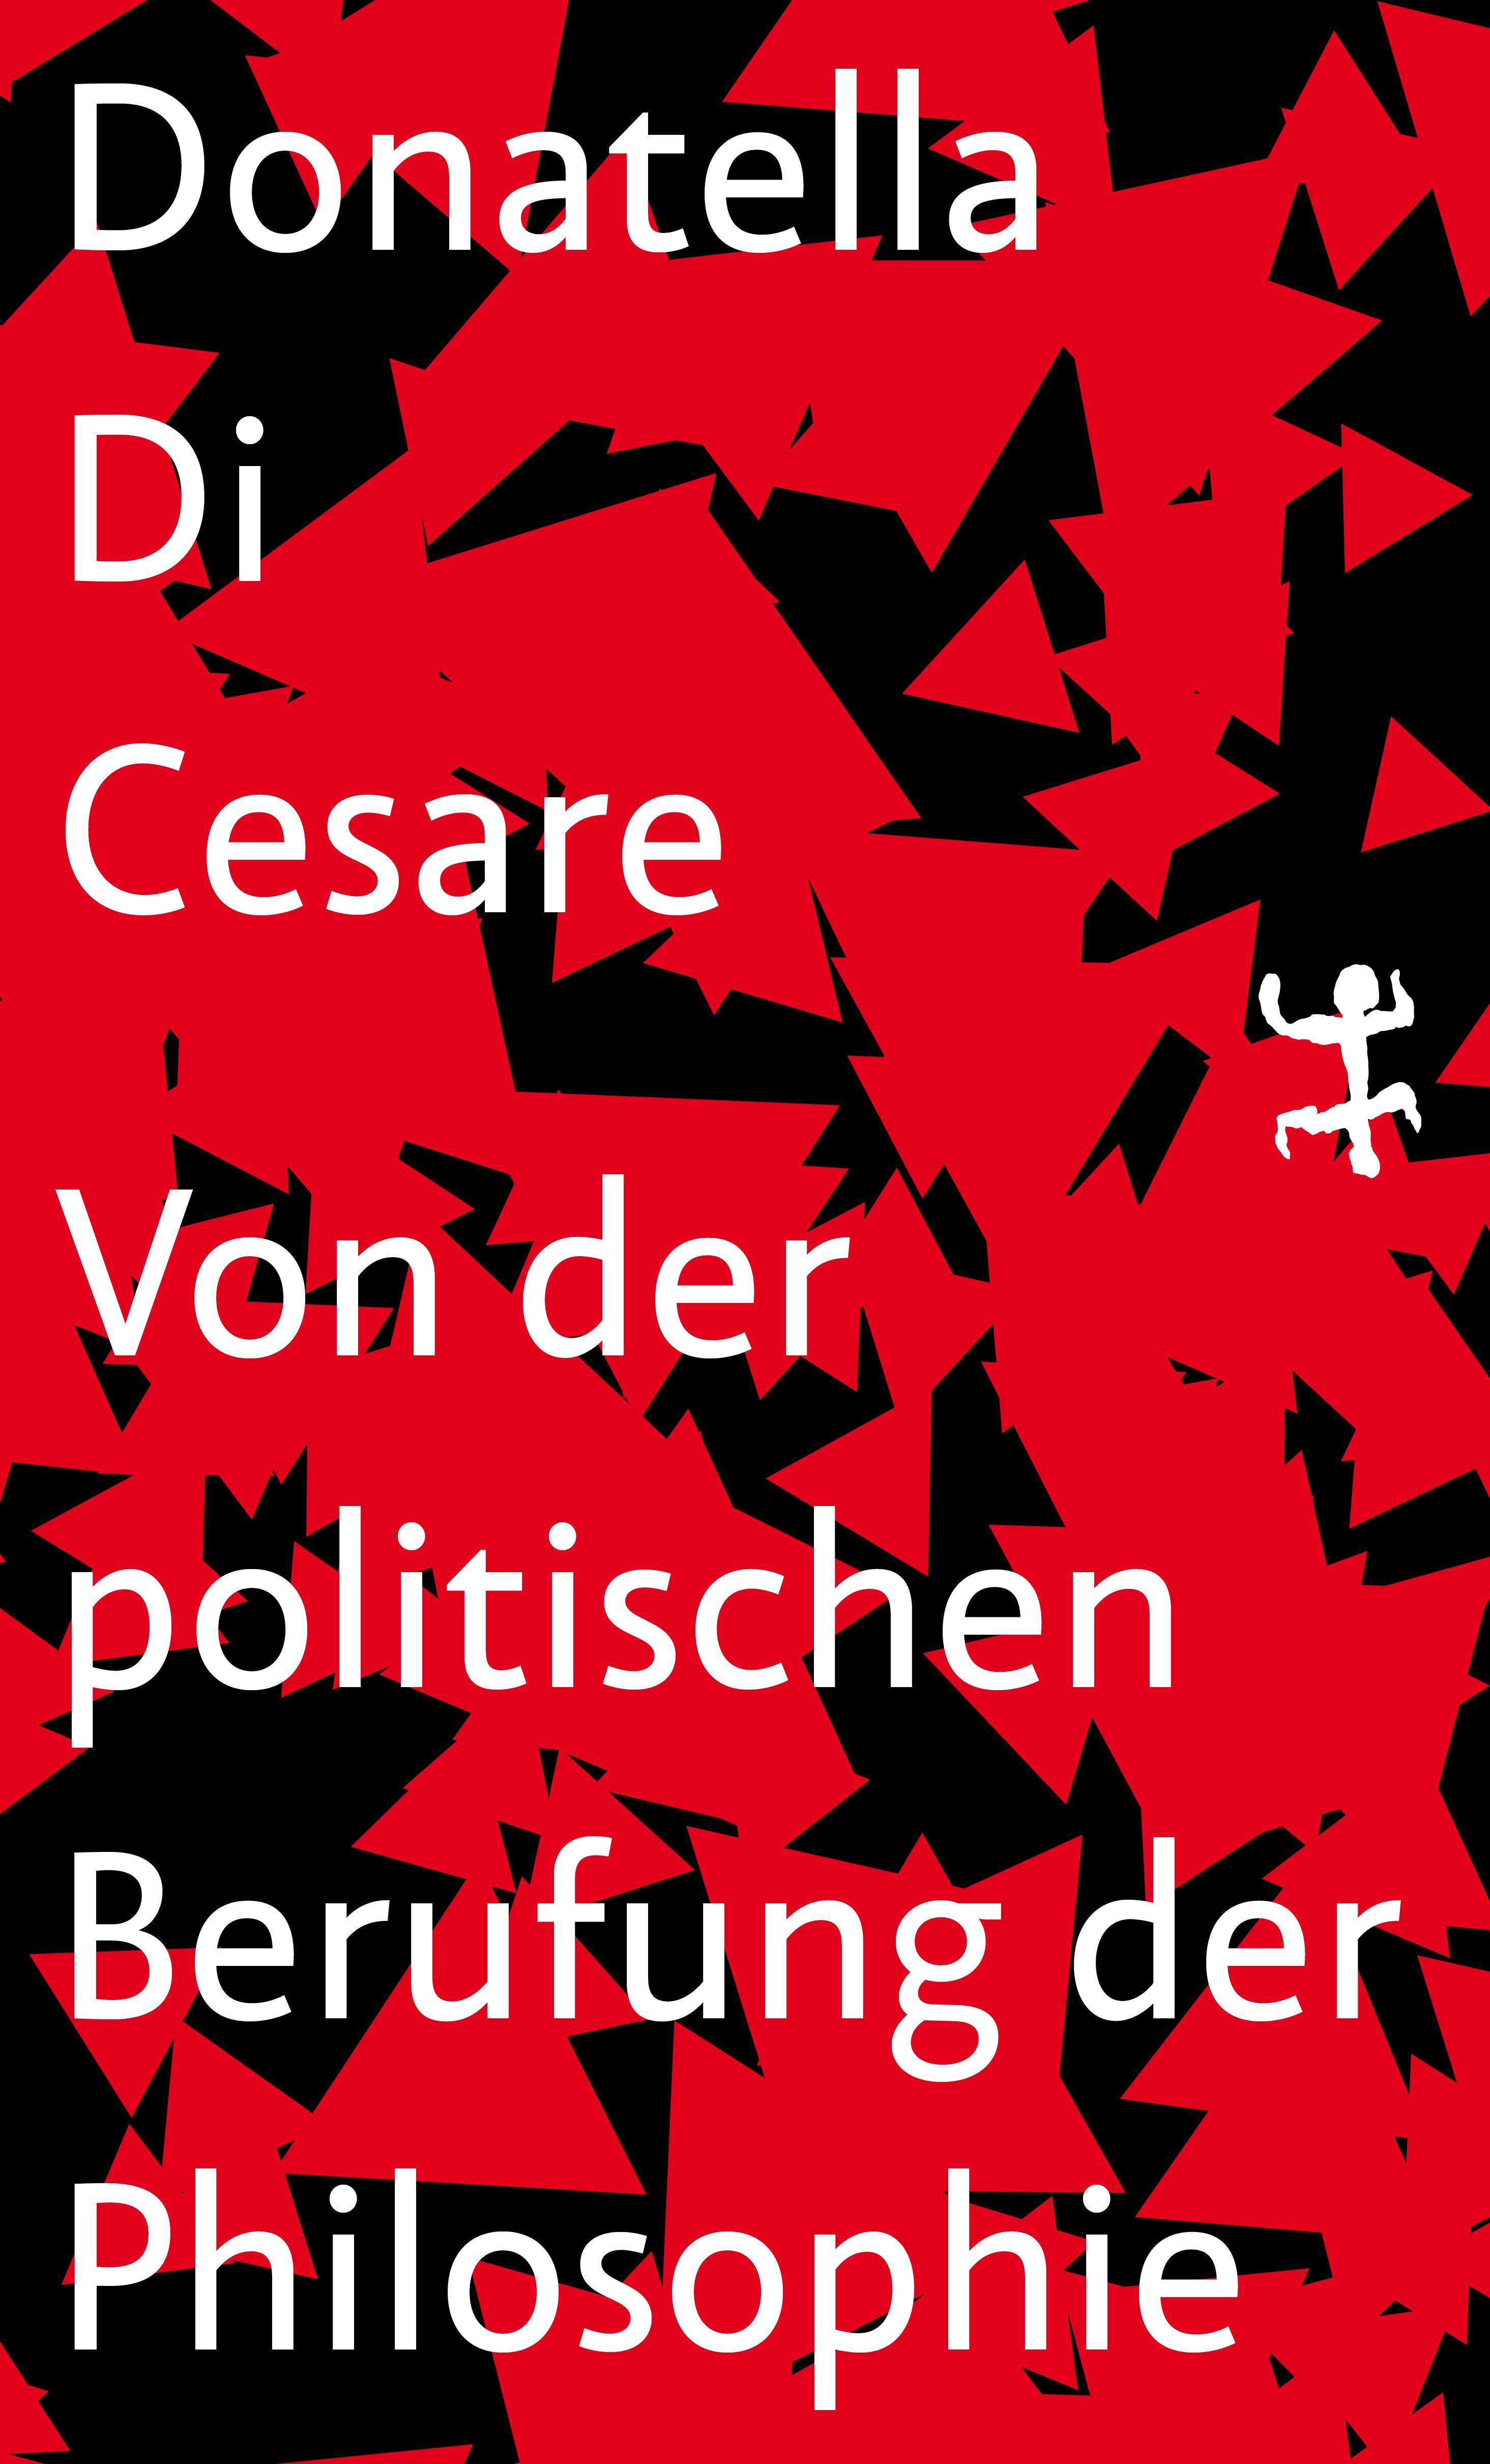 Donatella Di Cesare Von der politischen Berufung der Philosophie der werdegang der krise